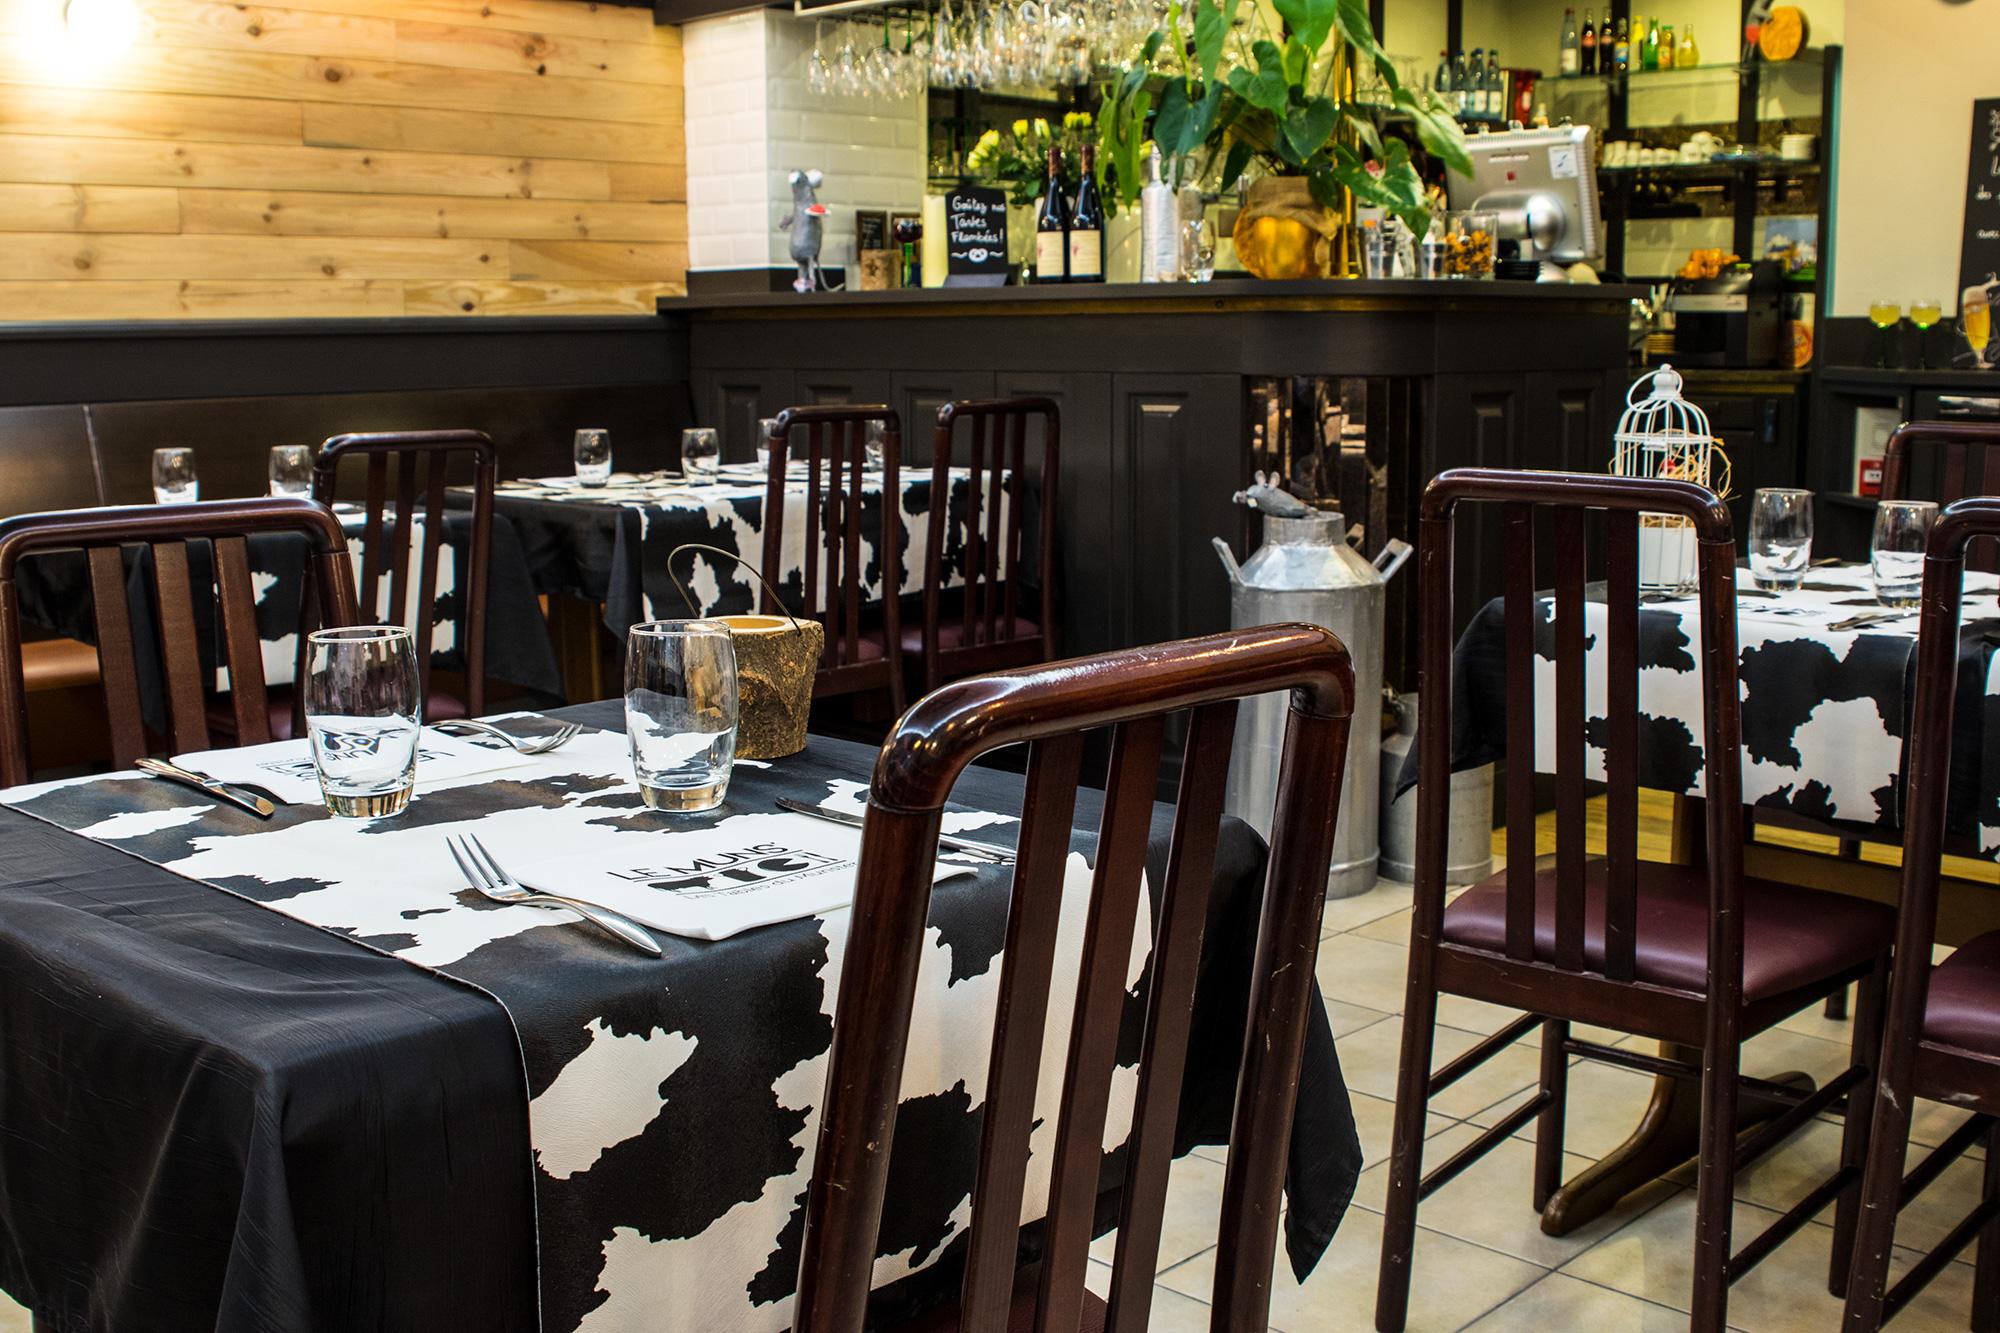 Le muns munster Strasbourg restaurant